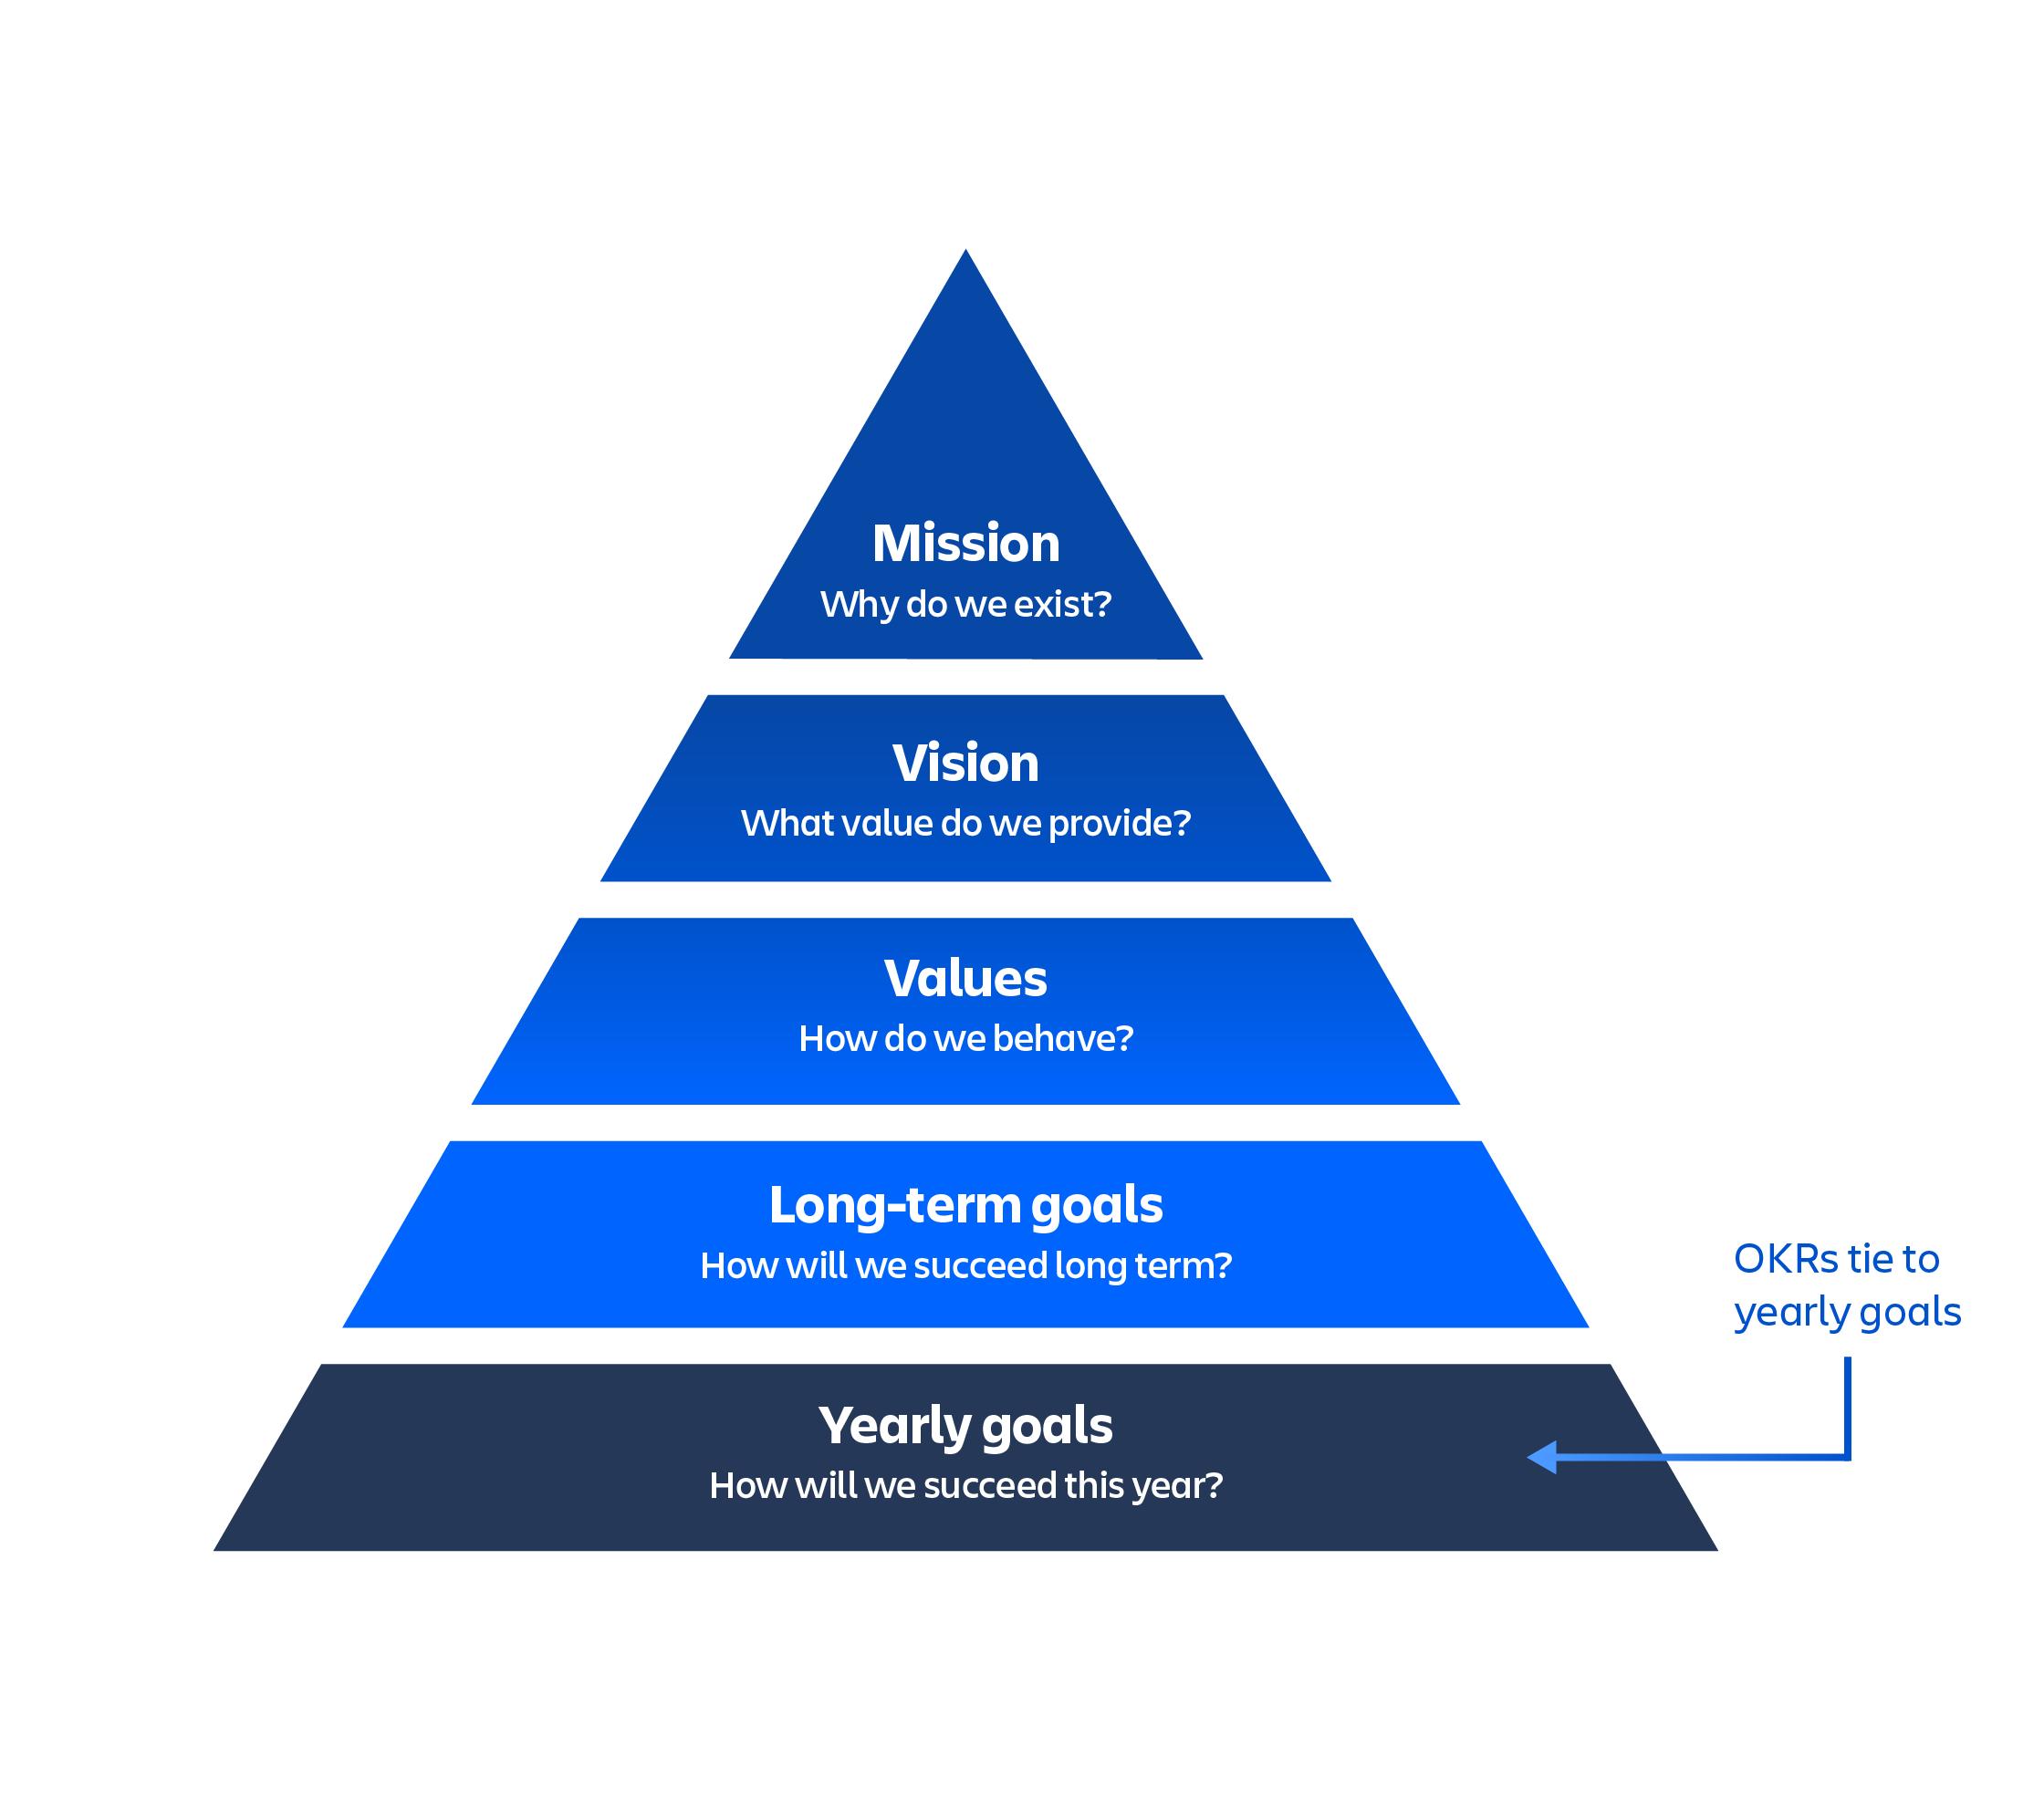 Пирамида целей и ключевых результатов, в основании которой лежат годовые цели